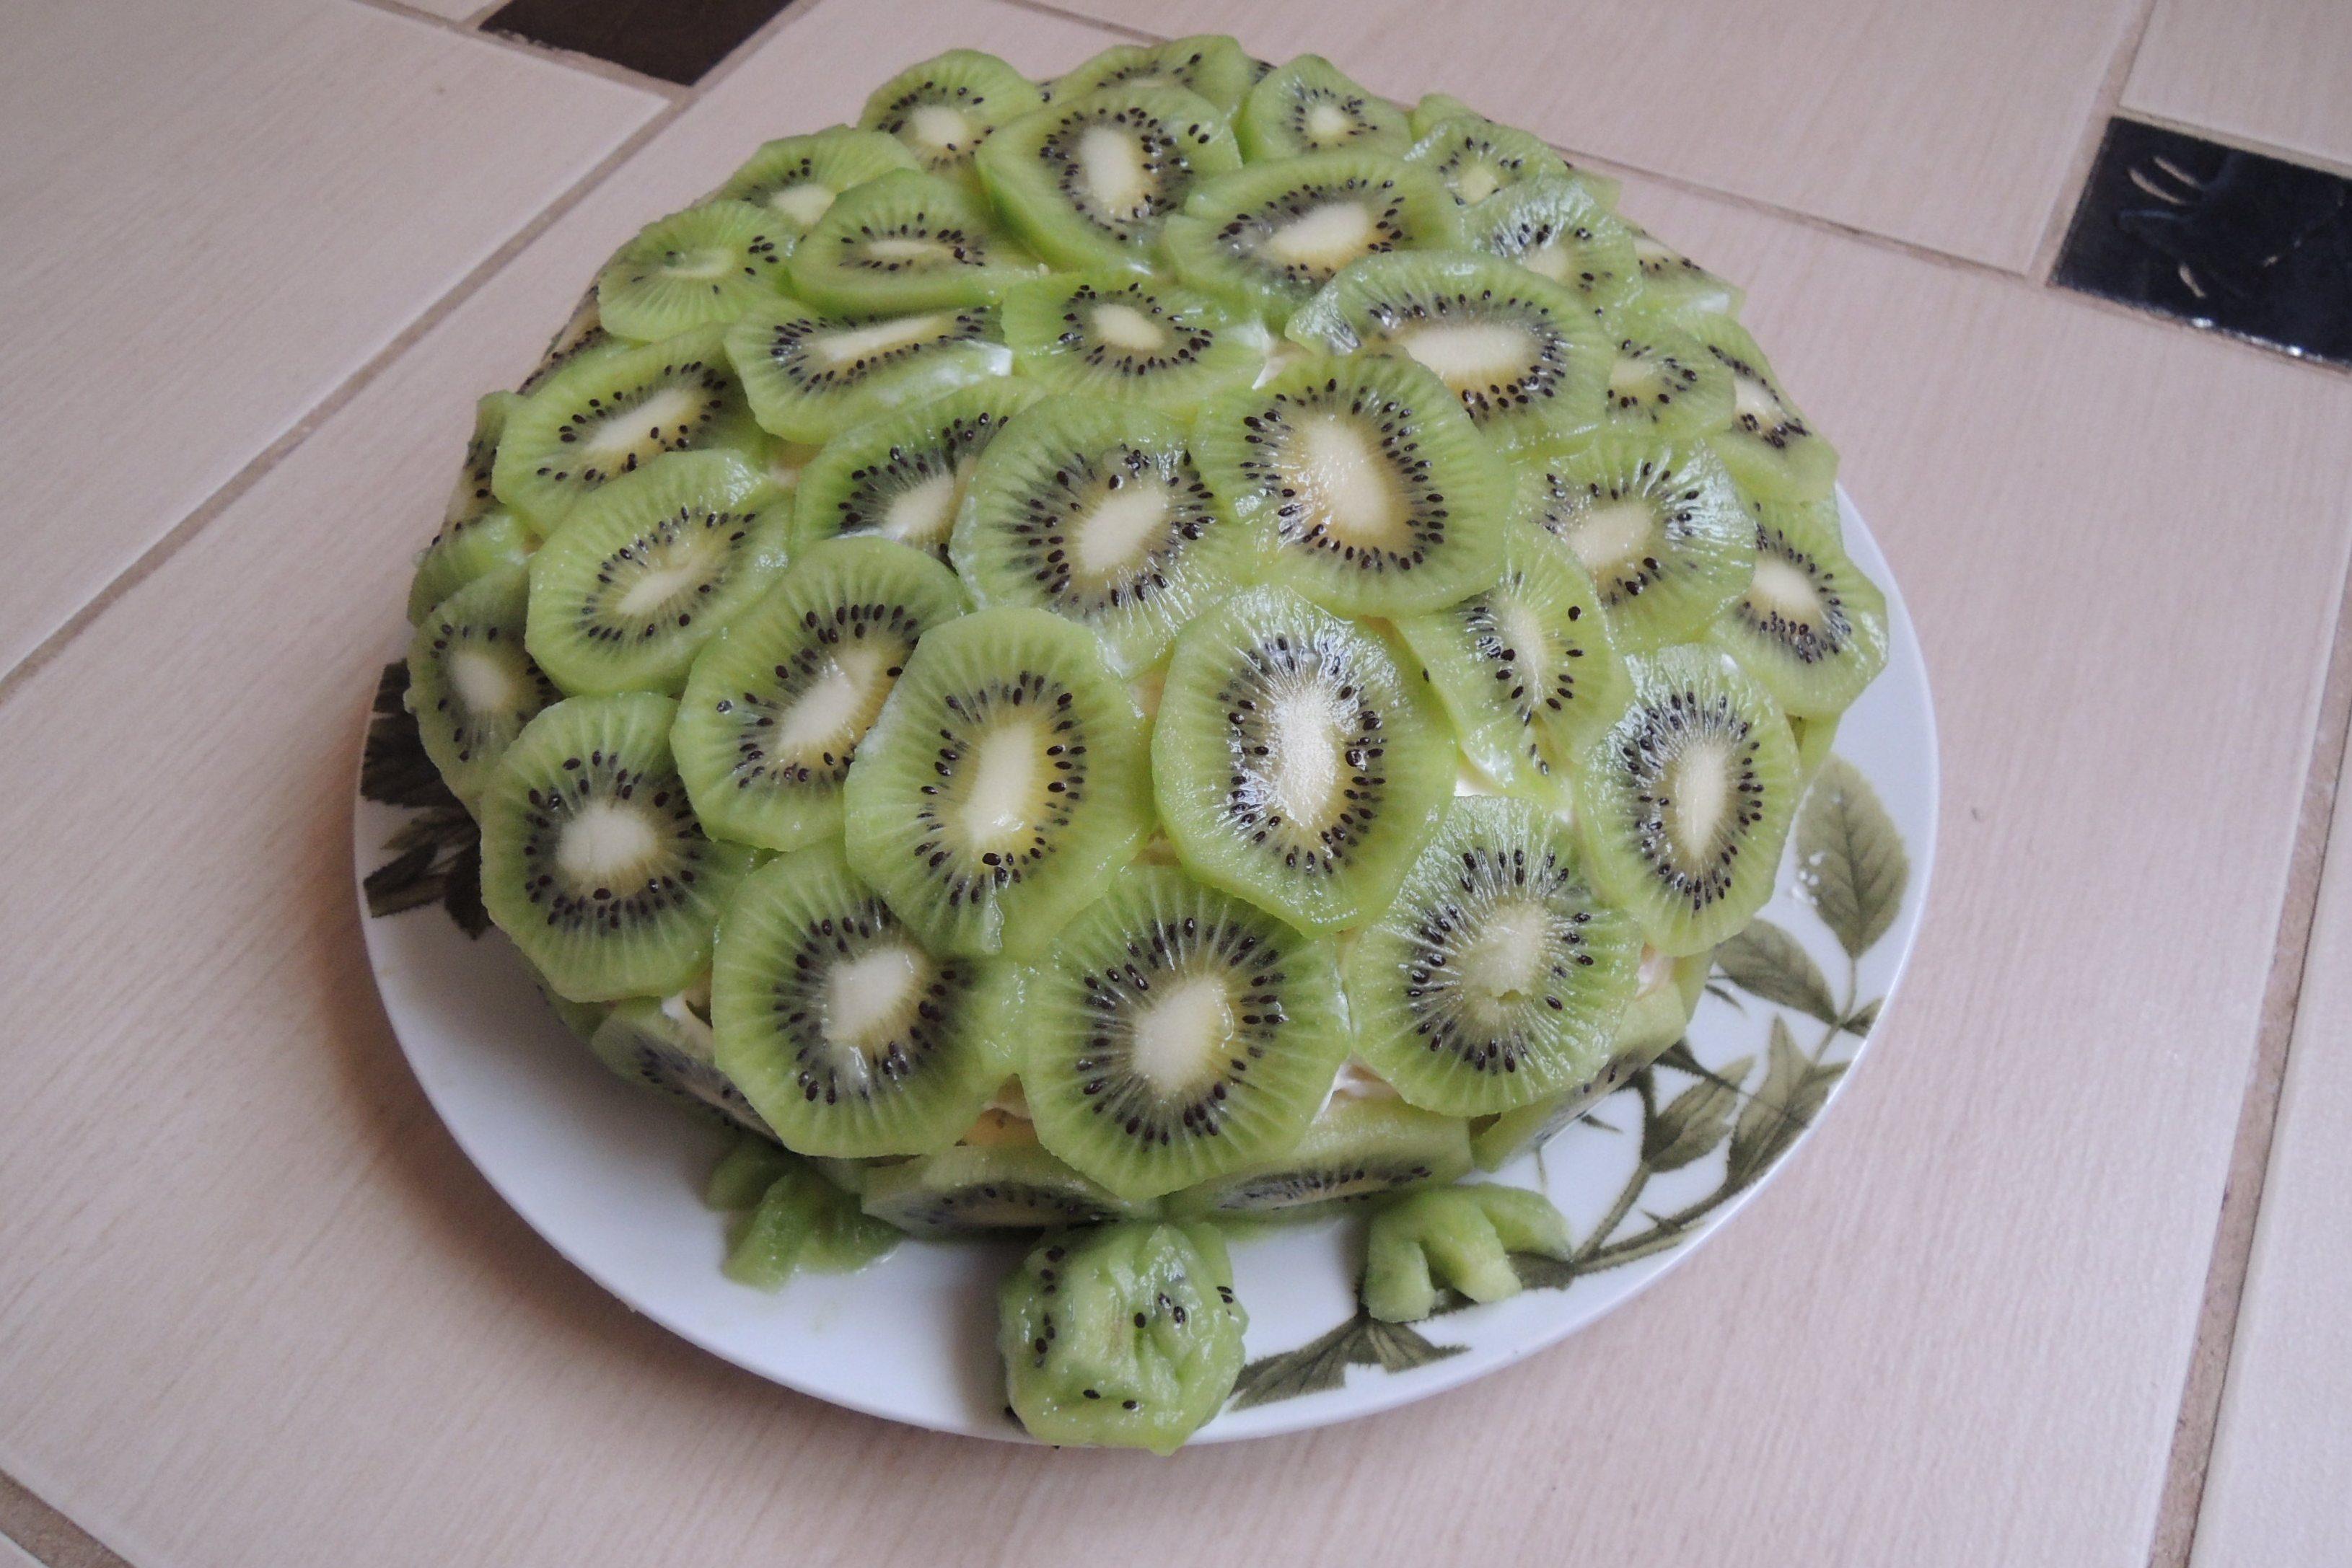 вдруг решили, торт изумрудная черепаха с киви фото требуют корректировки